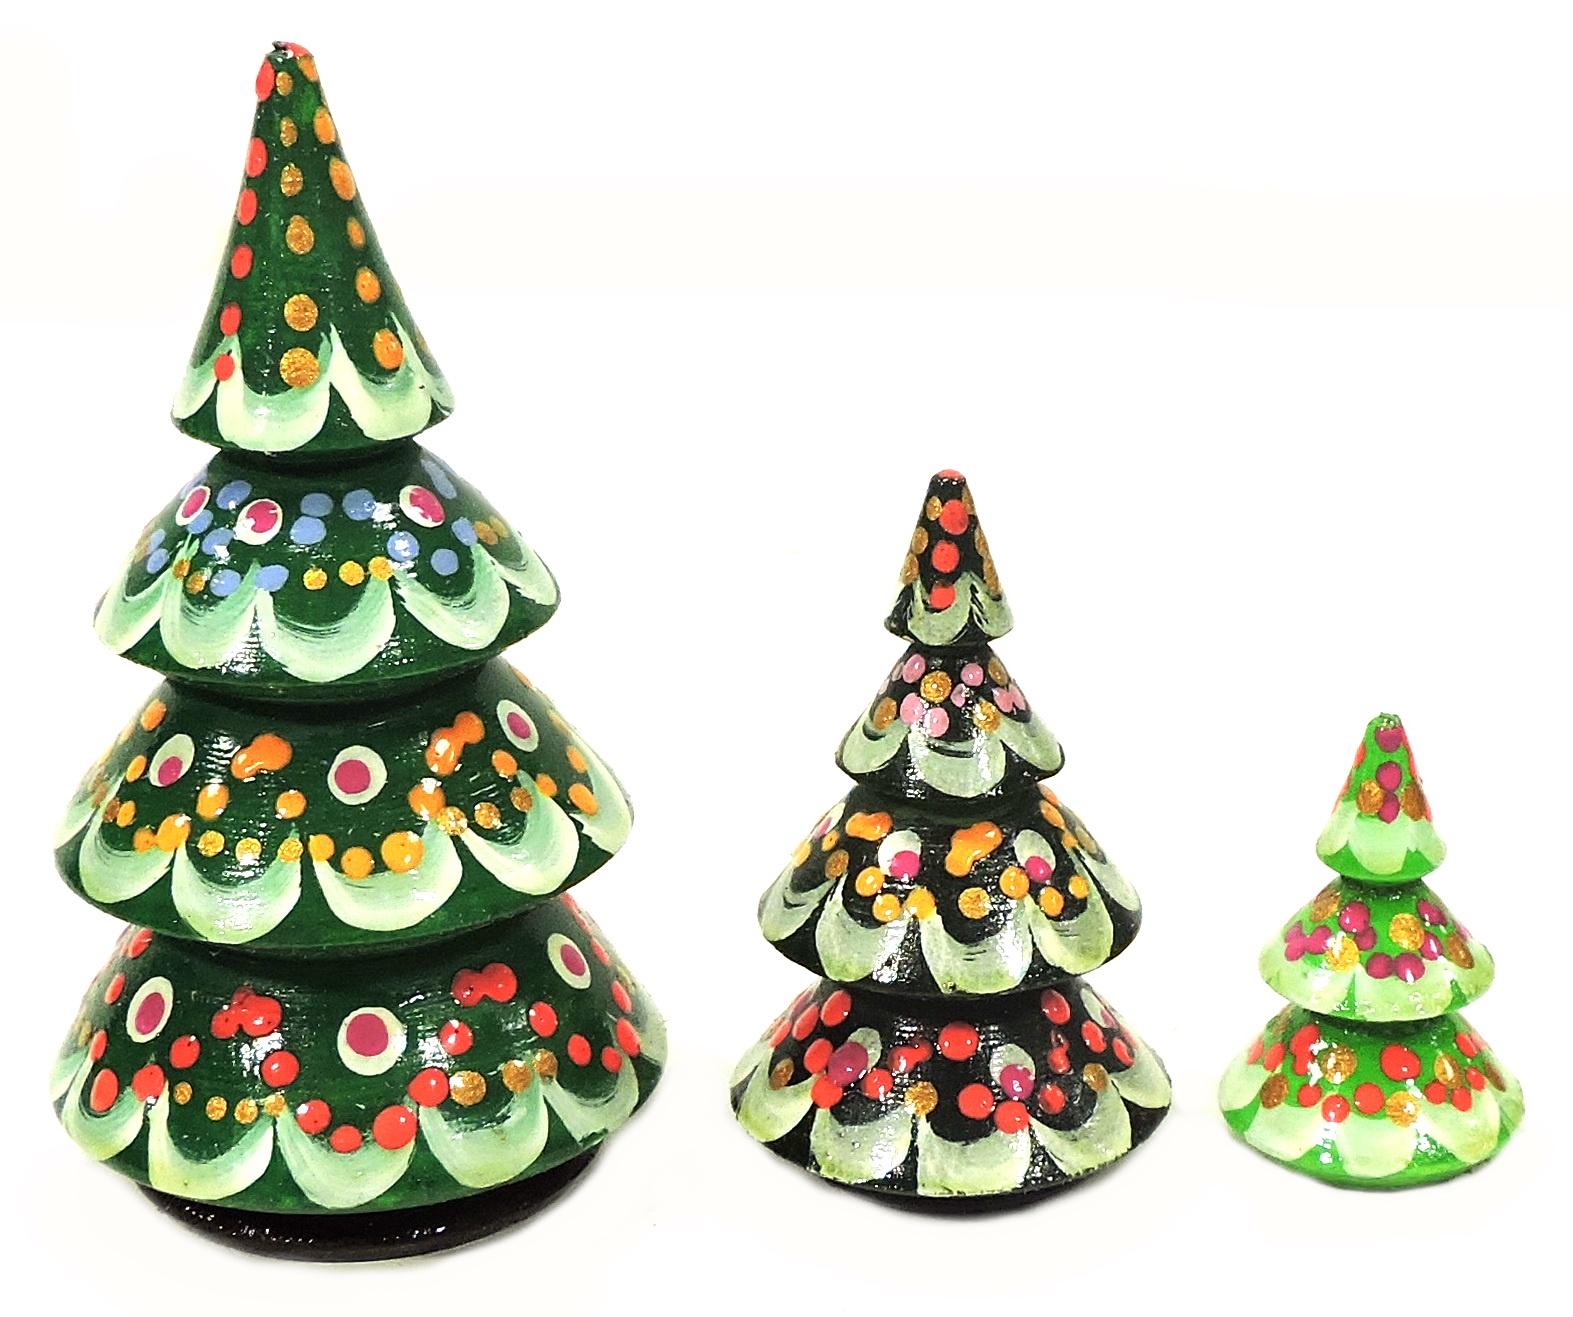 Статуэтка Taowa Елочки, зеленый027-9011-3Это чудесное дополнение новогоднего чуда. Сувенир создаст праздничное настроение. В набор входят фигурки трех елочек с новогодним узором. Набор сделан из натурального дерева и покрыт безопасными красками. Изделие ручной работы, поэтому могут присутствовать незначительные расхождения в дизайне с фото. Диаметр 40 мм, высота 100 мм, вес 60 гр.